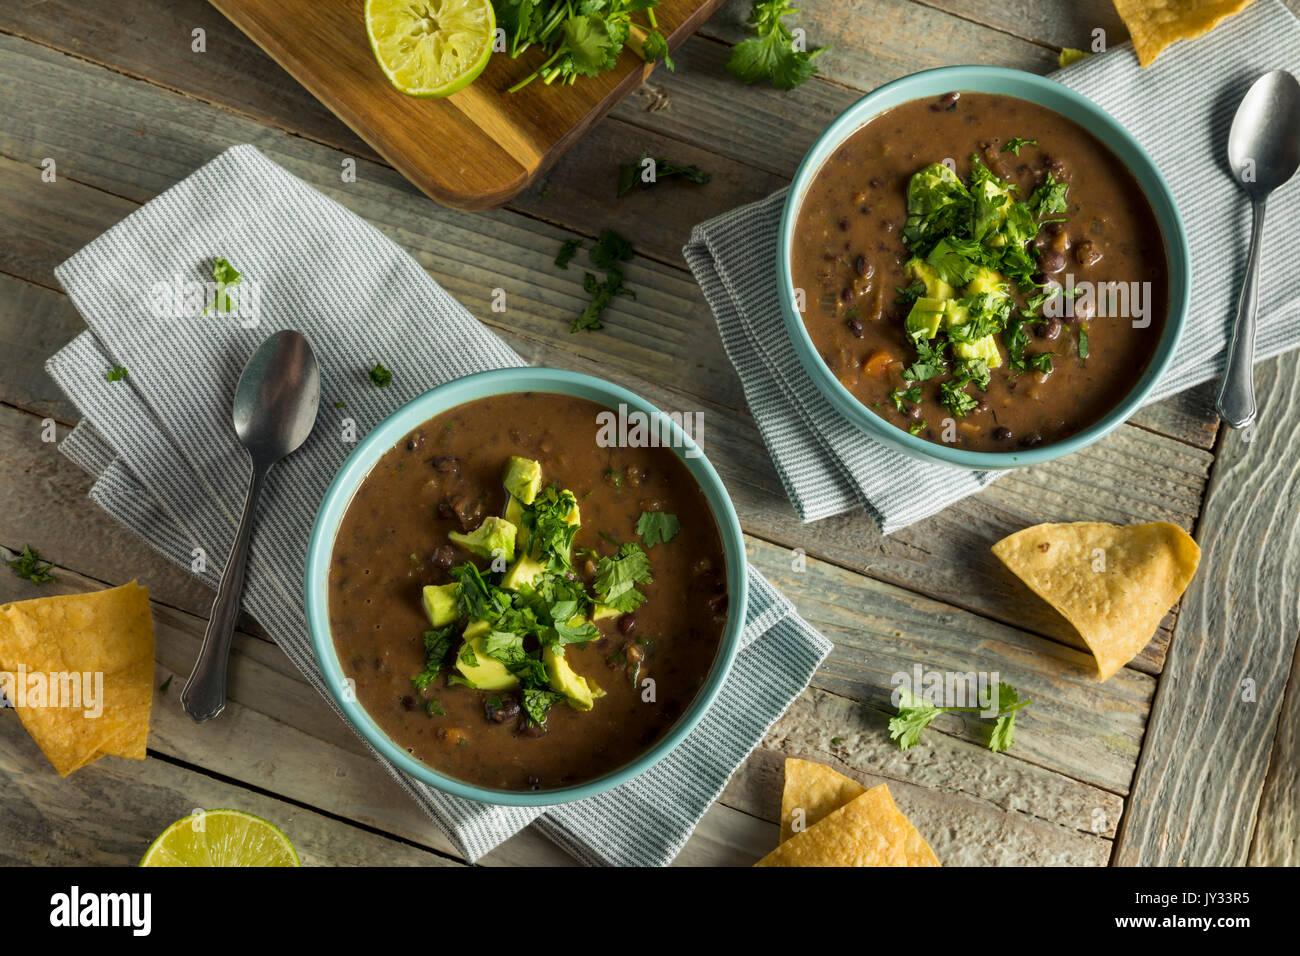 Sopa de Frijoles Negros caseros frescos con aguacate y cilantro. Imagen De Stock